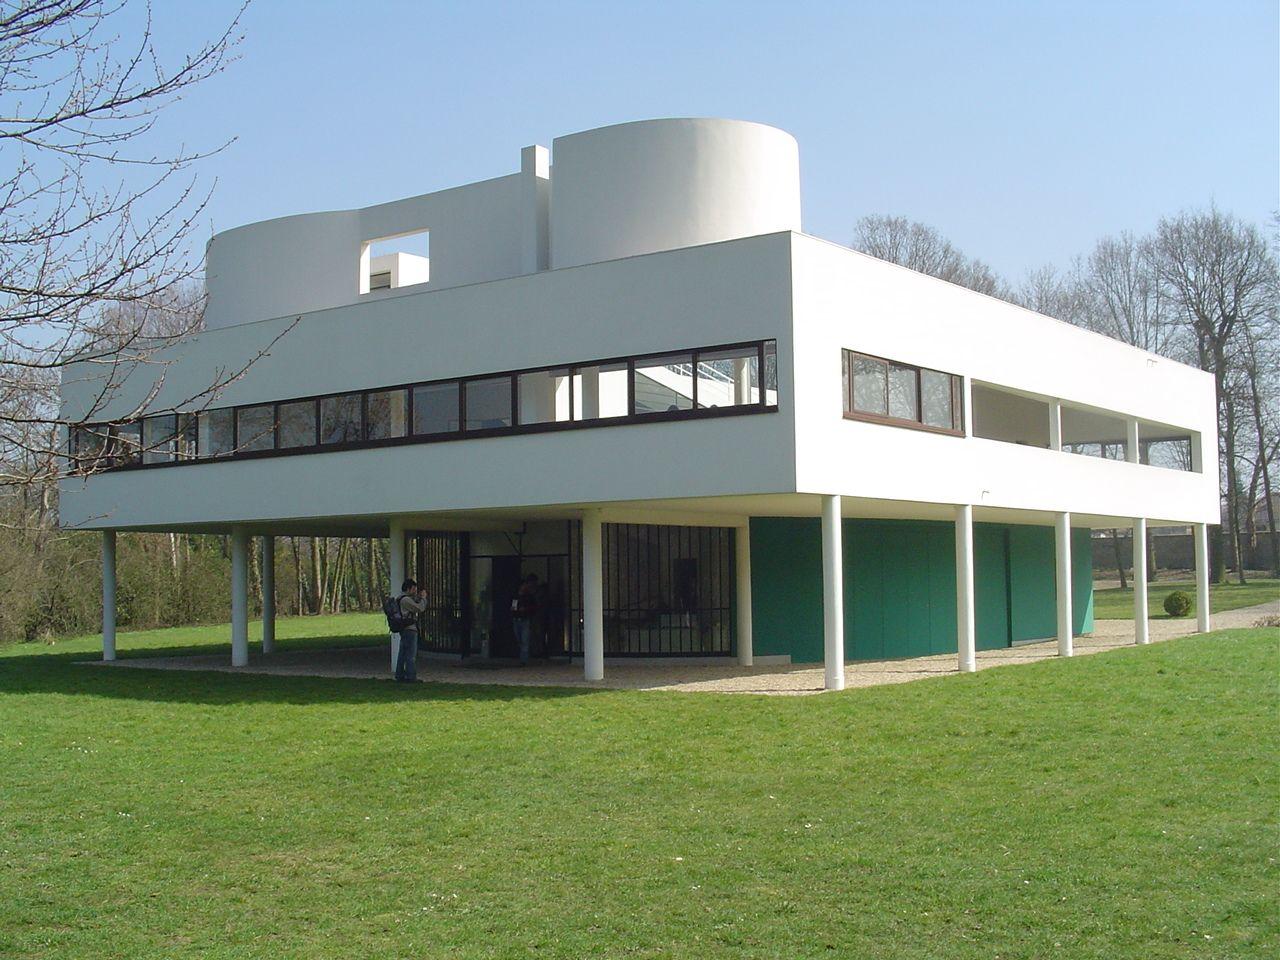 Villa Savoye Le Corbusier | Design Classics | Pinterest | Le ...